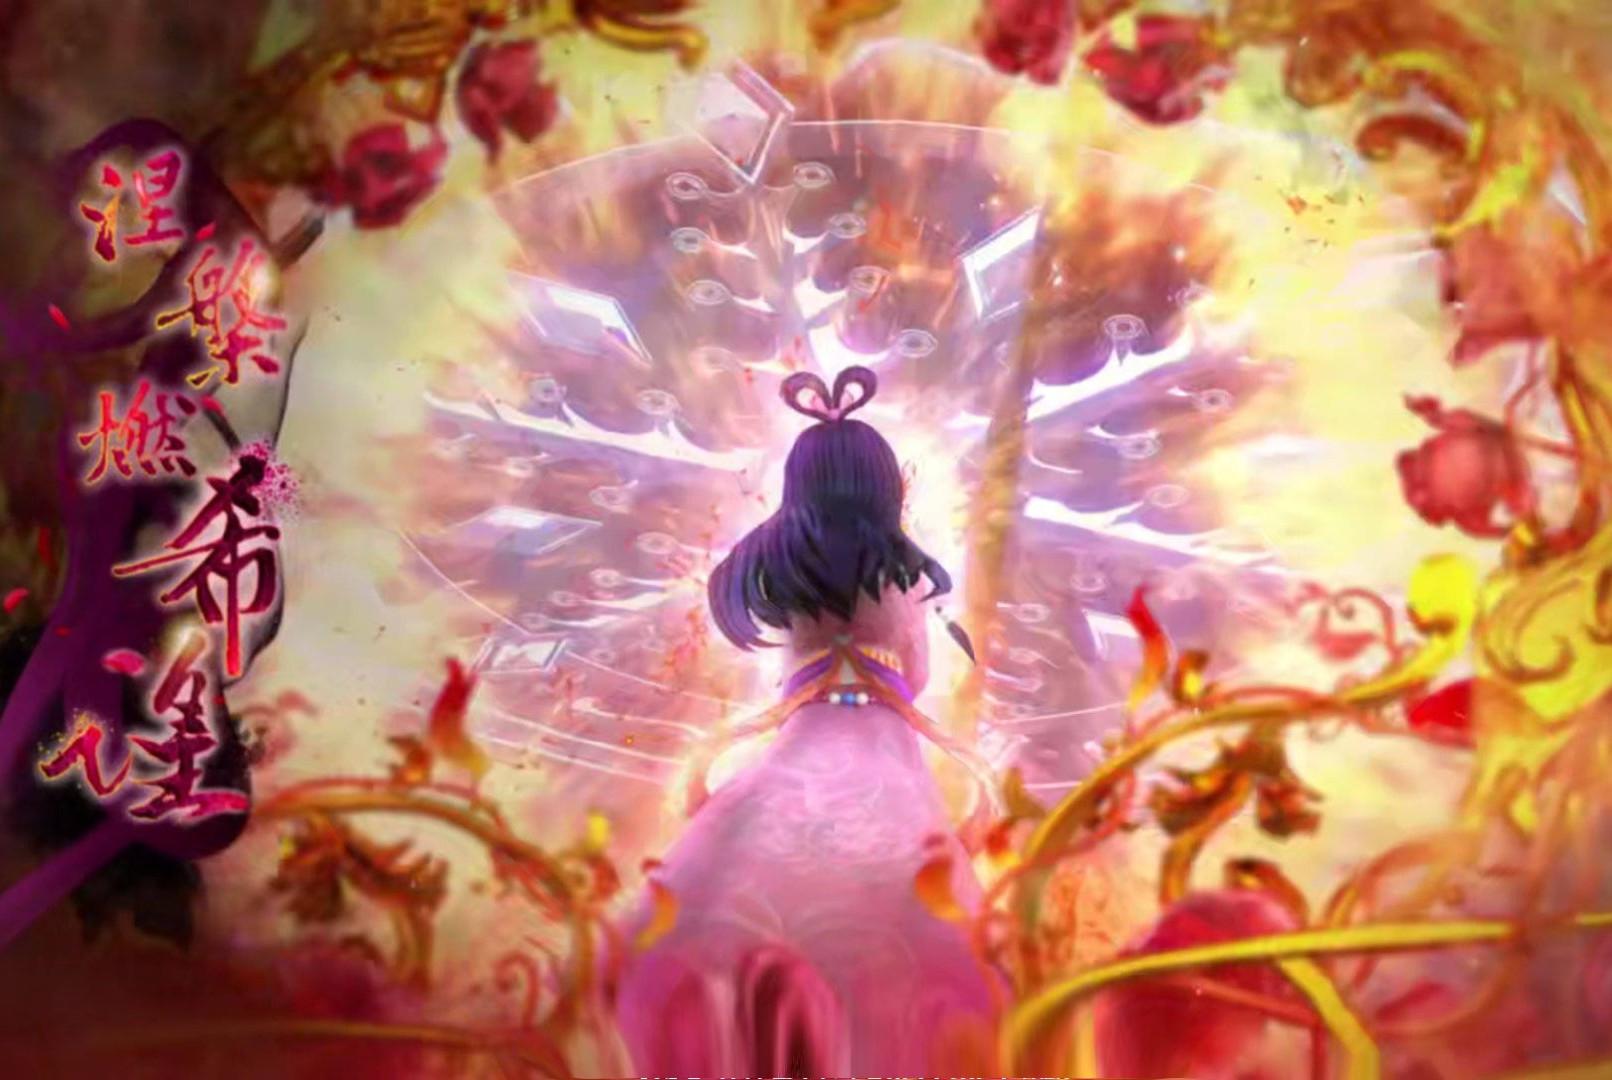 叶罗丽第七季:火领主将主宰冰公主?不!你怕忘了这一大后台